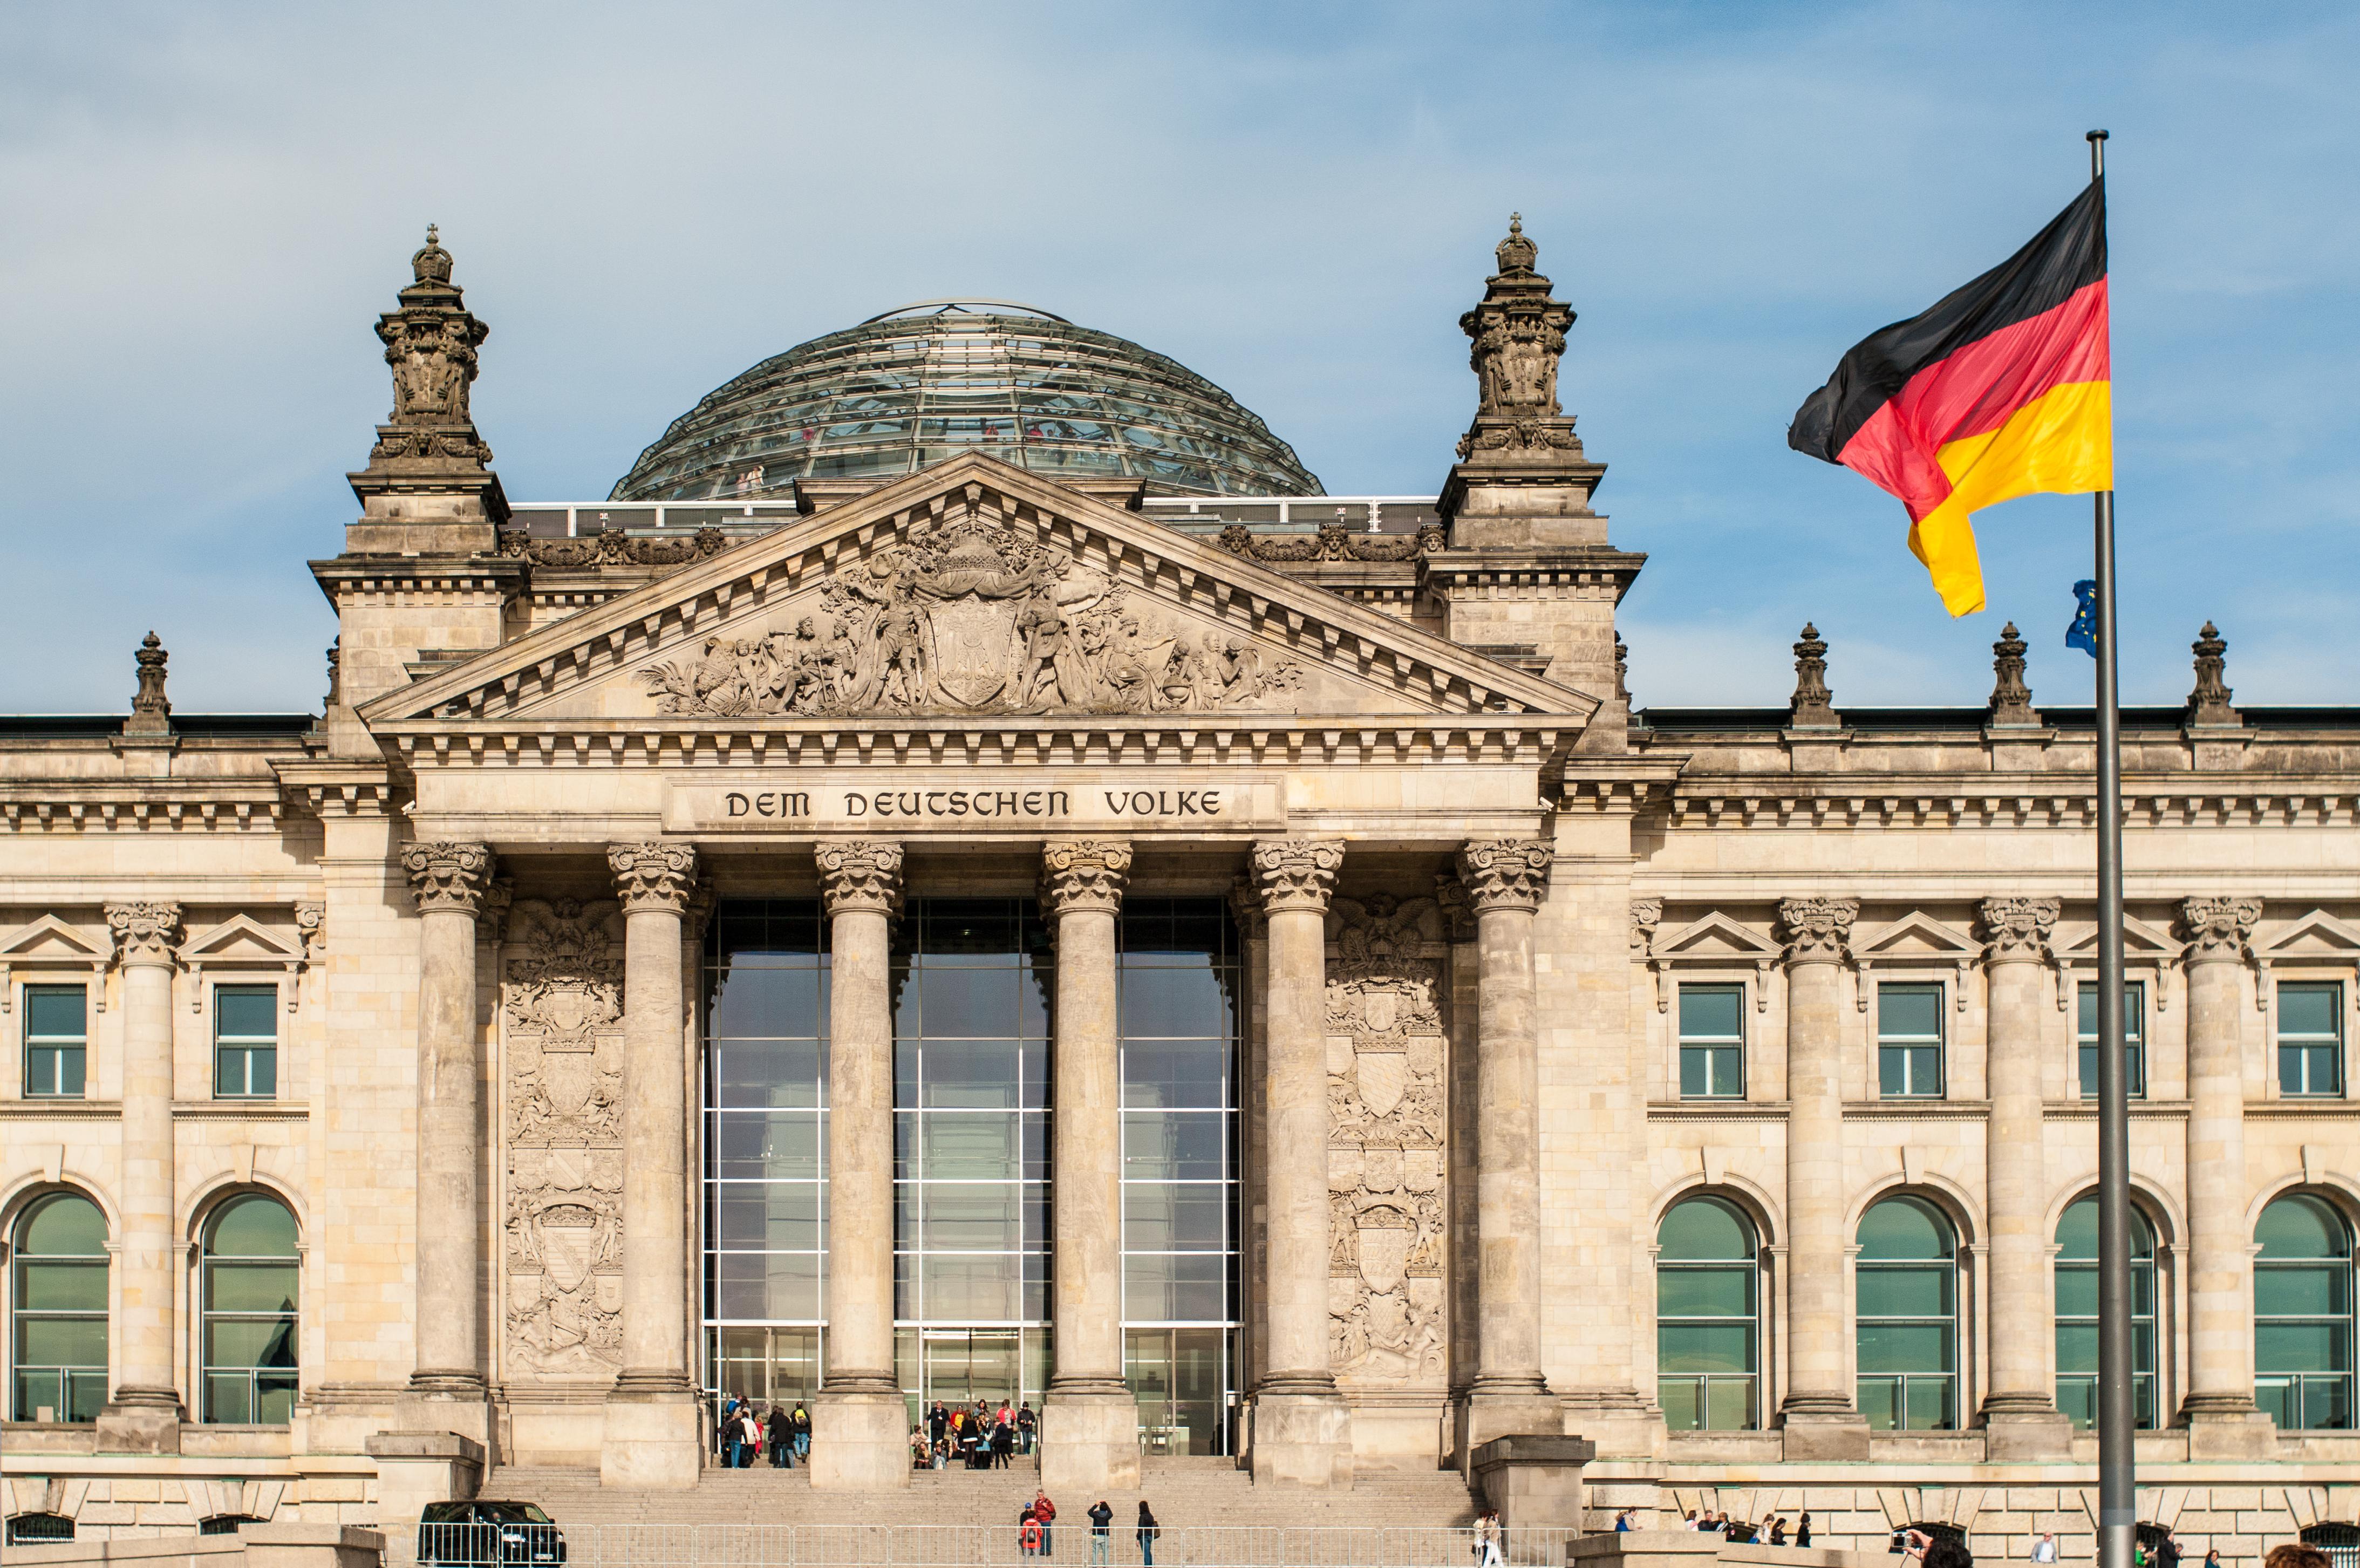 Almanya Arap ülkelerince camilere yapılan yardımları denetleyecek